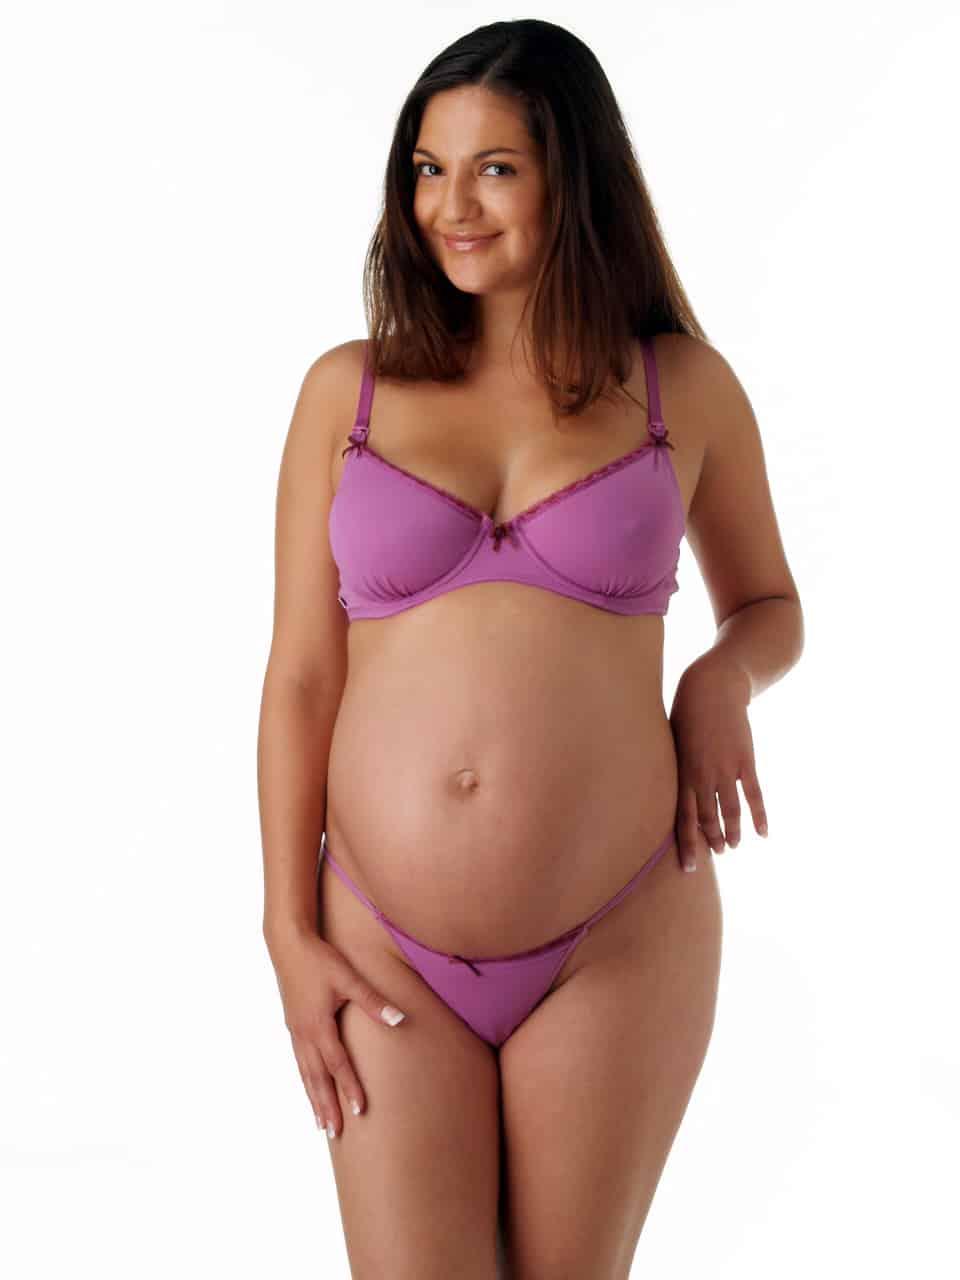 Main-principles-to-choose-nursing-bras-Maternity-bra